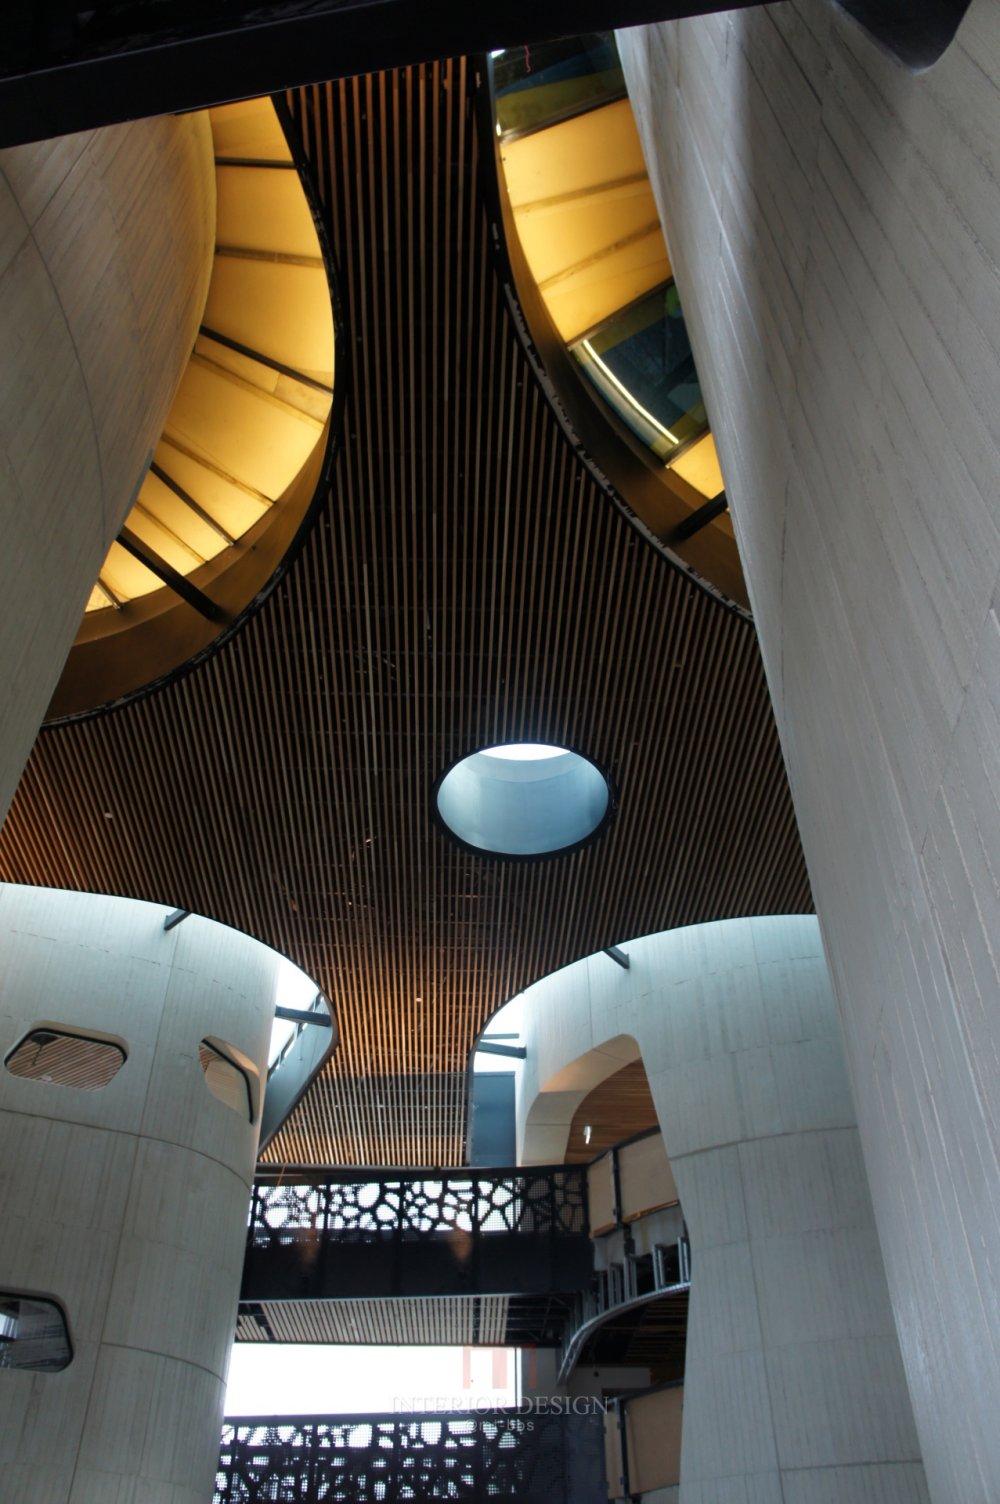 伍兹贝格建筑设计公司_120021_N72_eighth.jpg